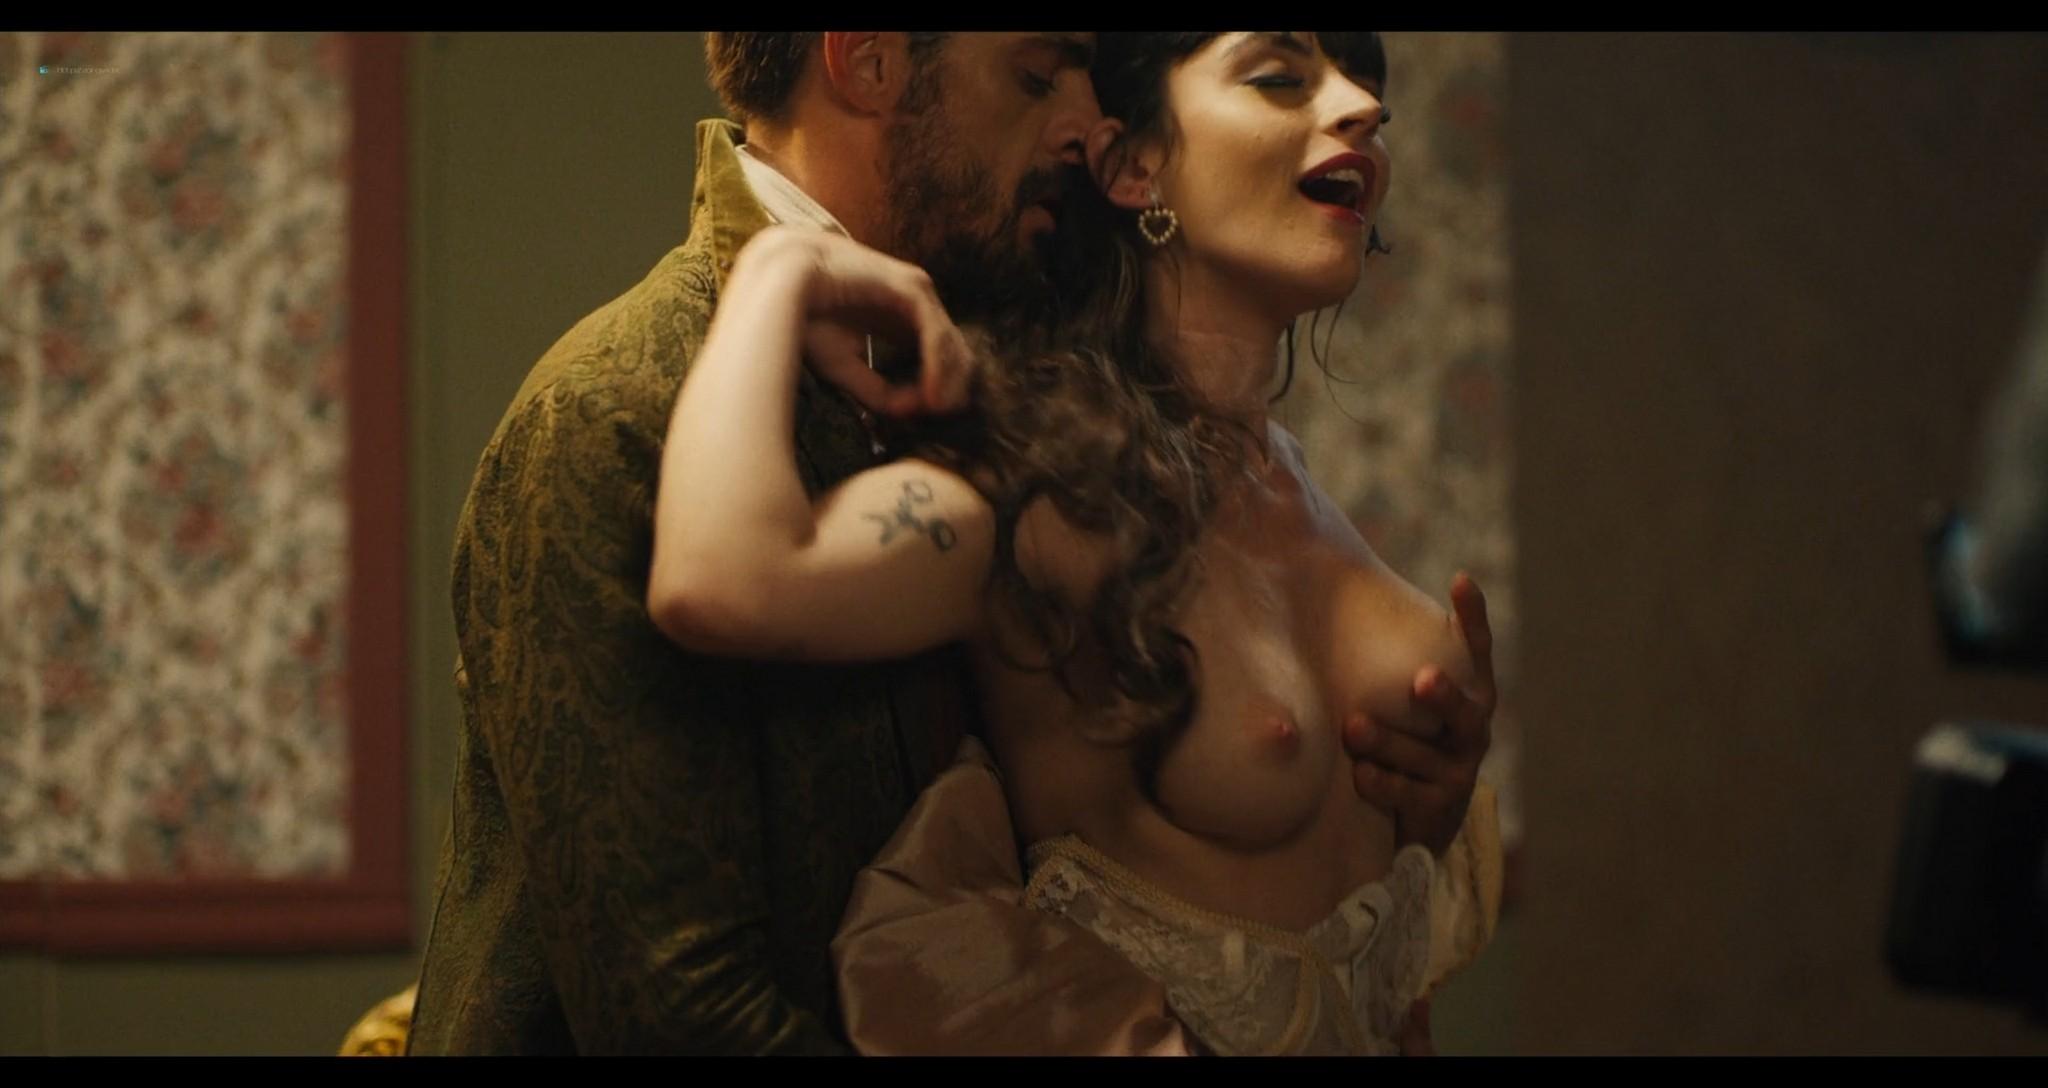 Brunna Martins nude Marjorie Bresler, Natalia Dal, Samira Carvalho all nude too- Hard (BR-2020) s1e3 HD 1080p (12)